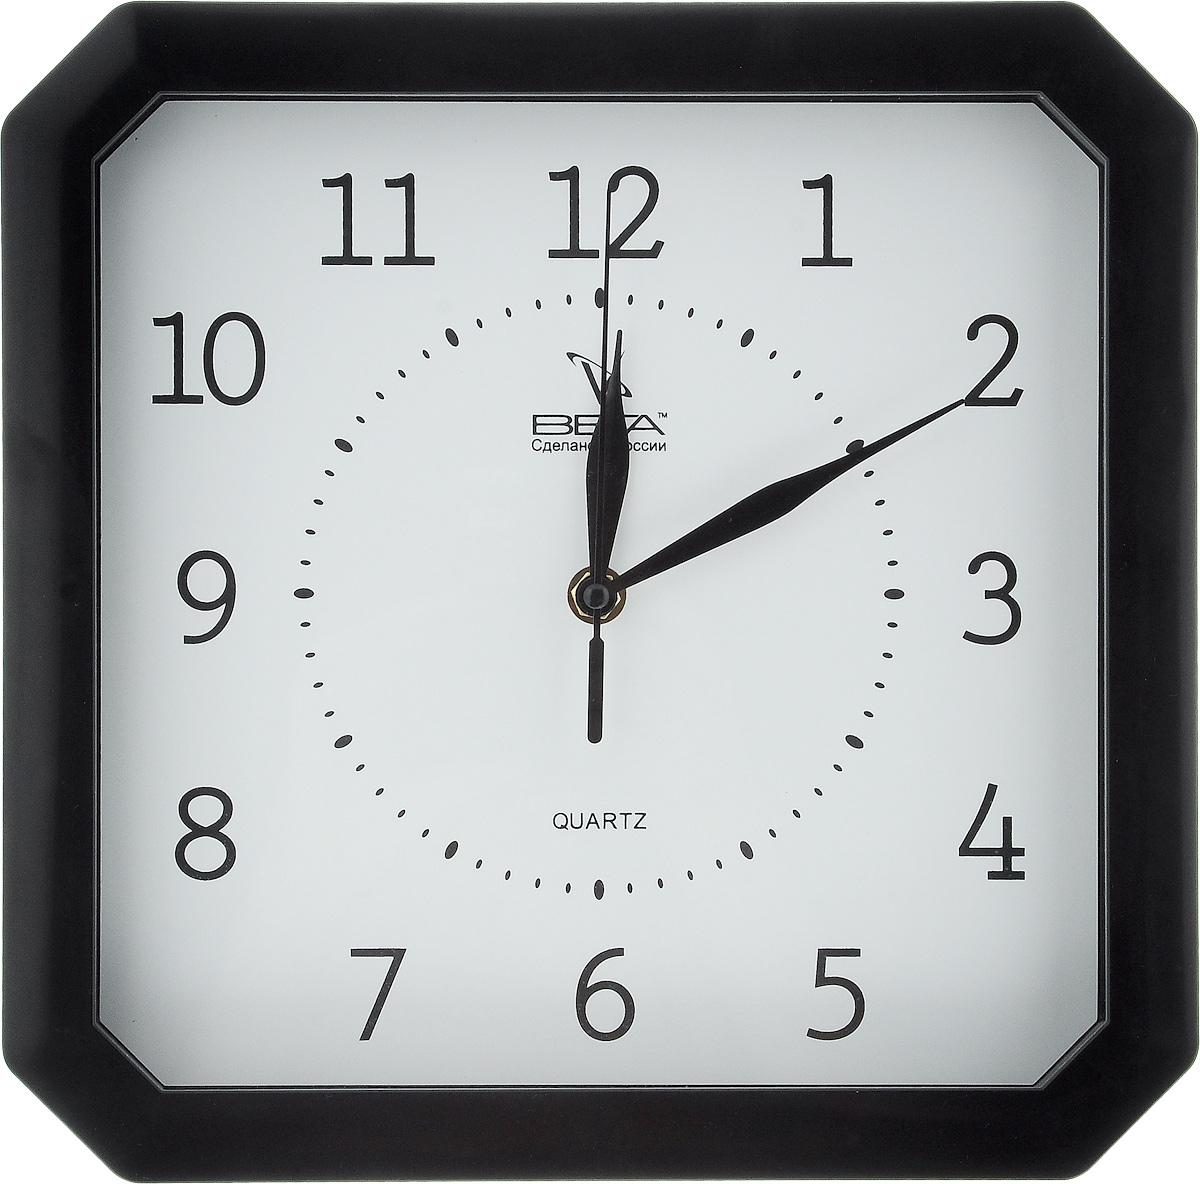 Часы настенные Вега Классика, 27,8 х 27,8 смП4-6/6-19Настенные кварцевые часы Вега Классика, изготовленные из пластика, прекрасно впишутся в интерьер вашего дома. Часы имеют три стрелки: часовую, минутную и секундную, циферблат защищен прозрачным стеклом. Часы работают от 1 батарейки типа АА напряжением 1,5 В (не входит в комплект). Прилагается инструкция по эксплуатации.